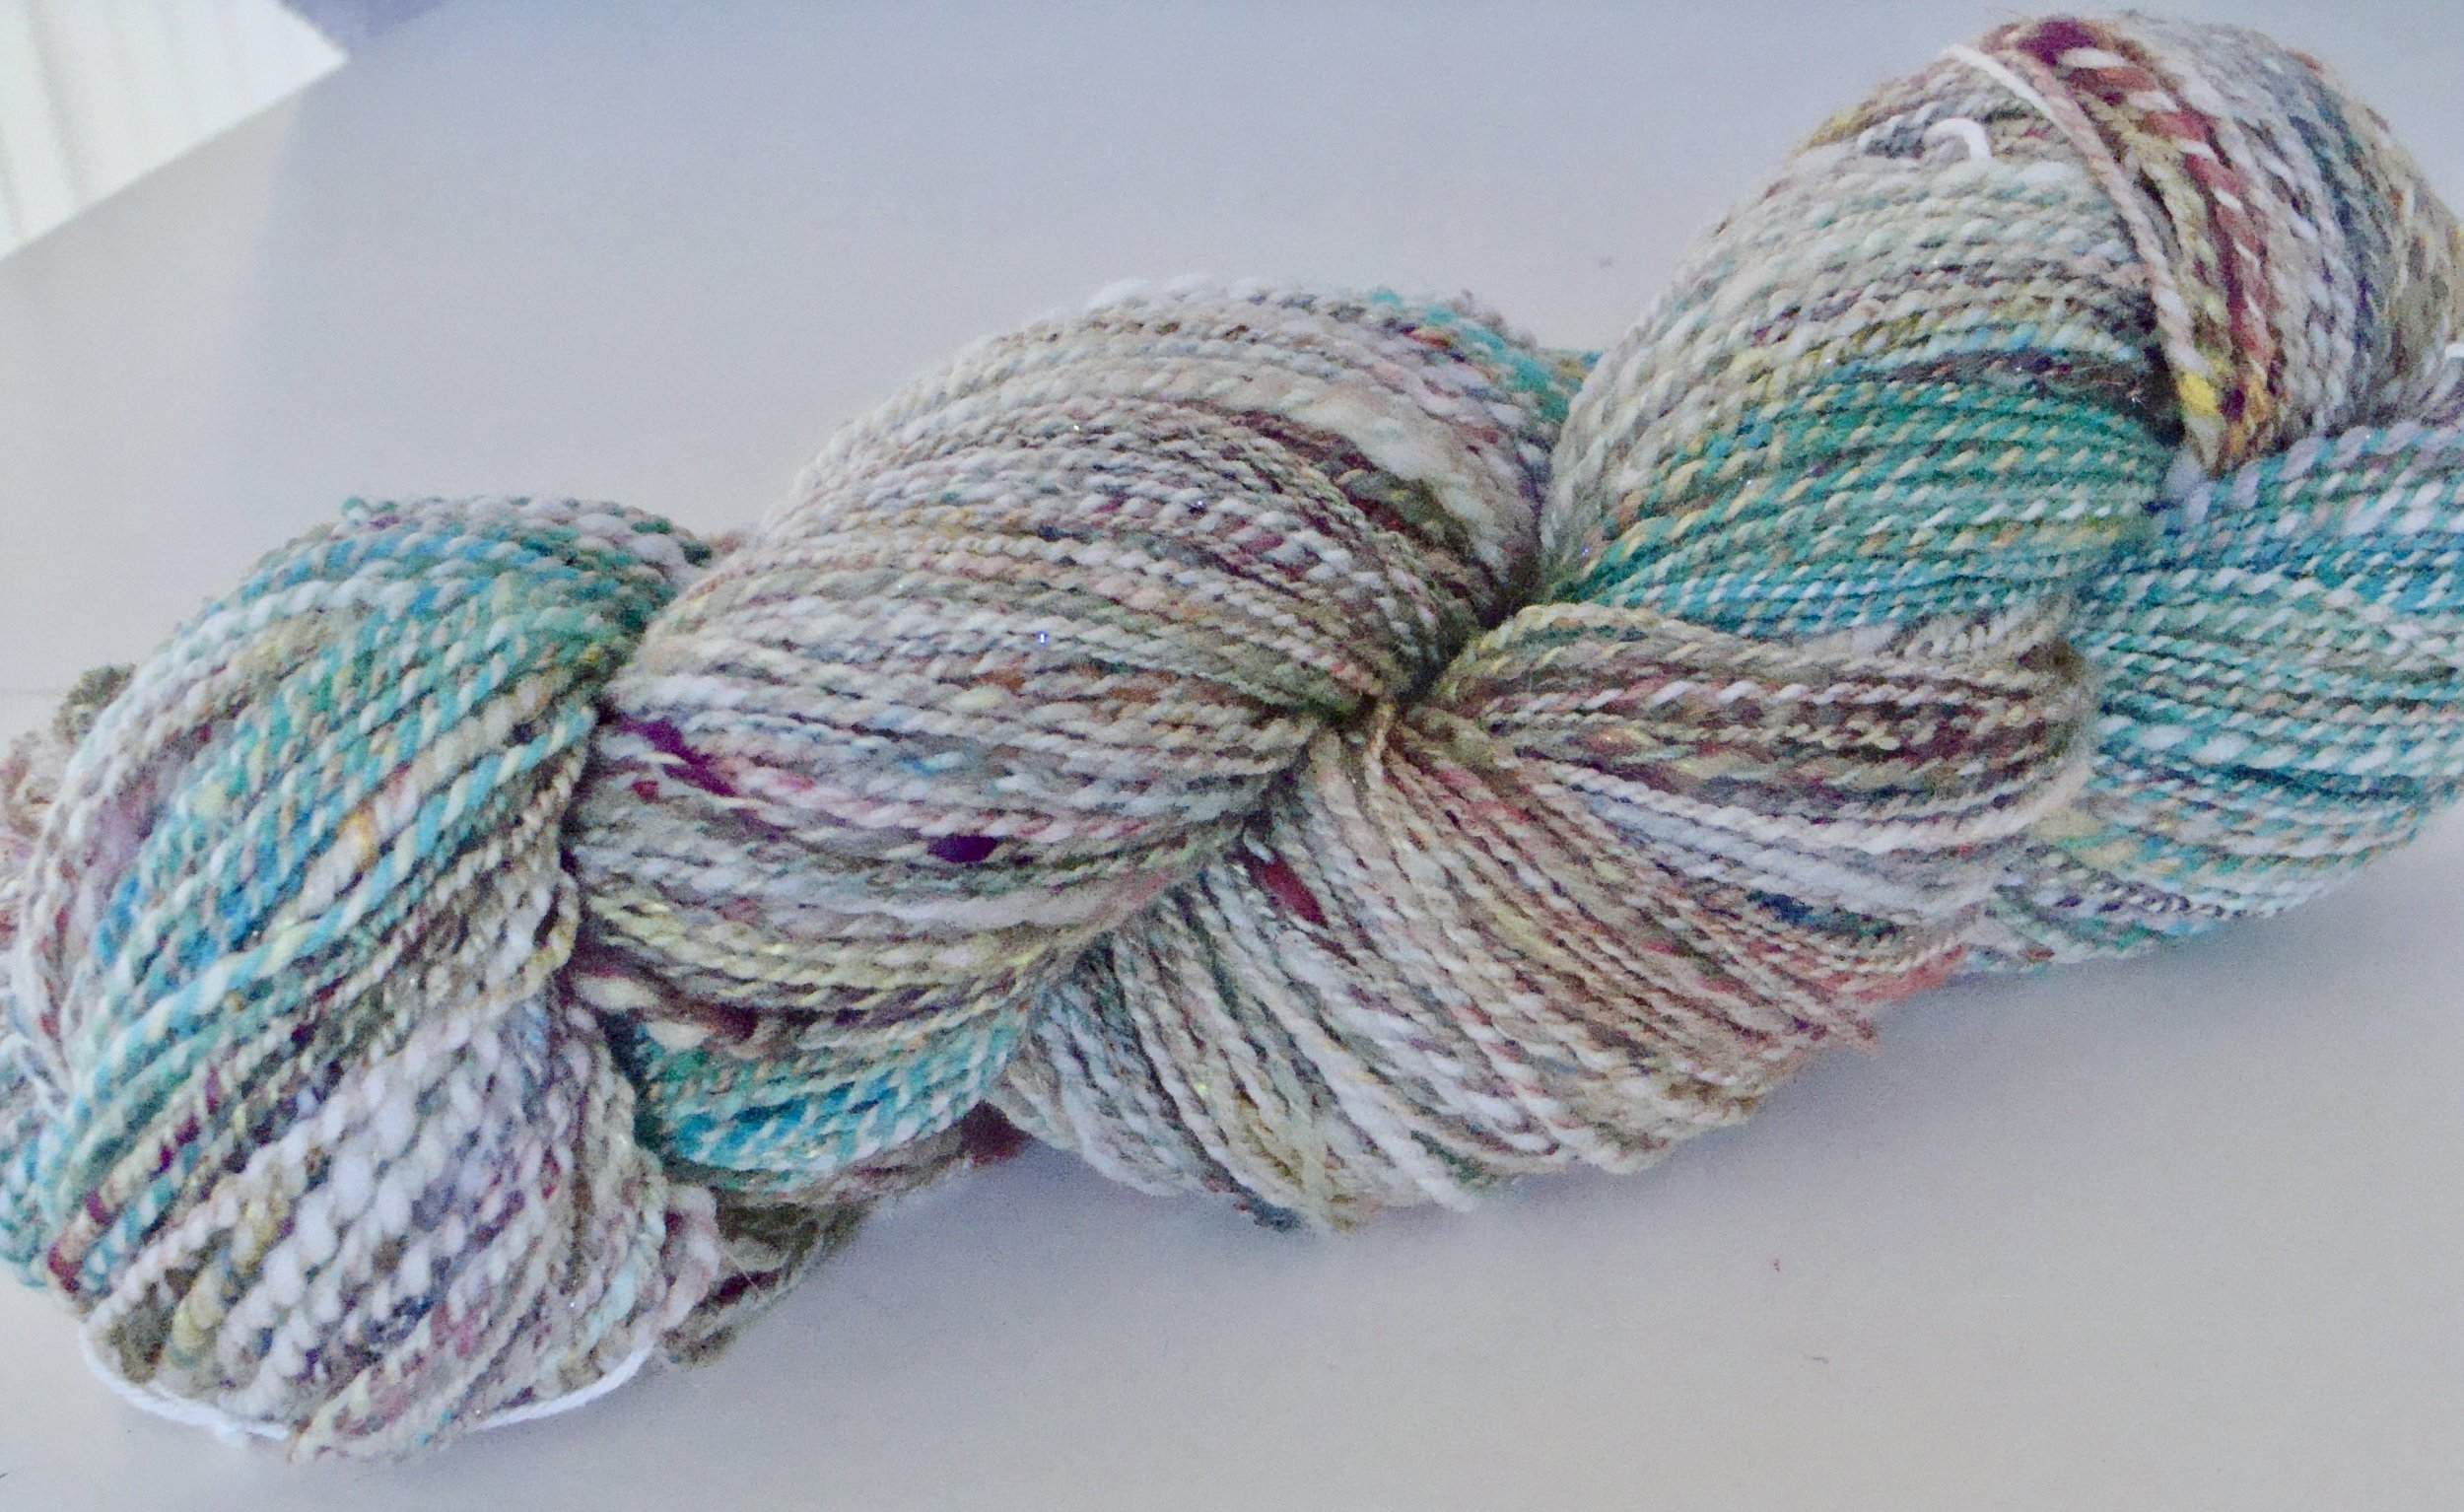 Fairy Salad handspun 2 ply yarn